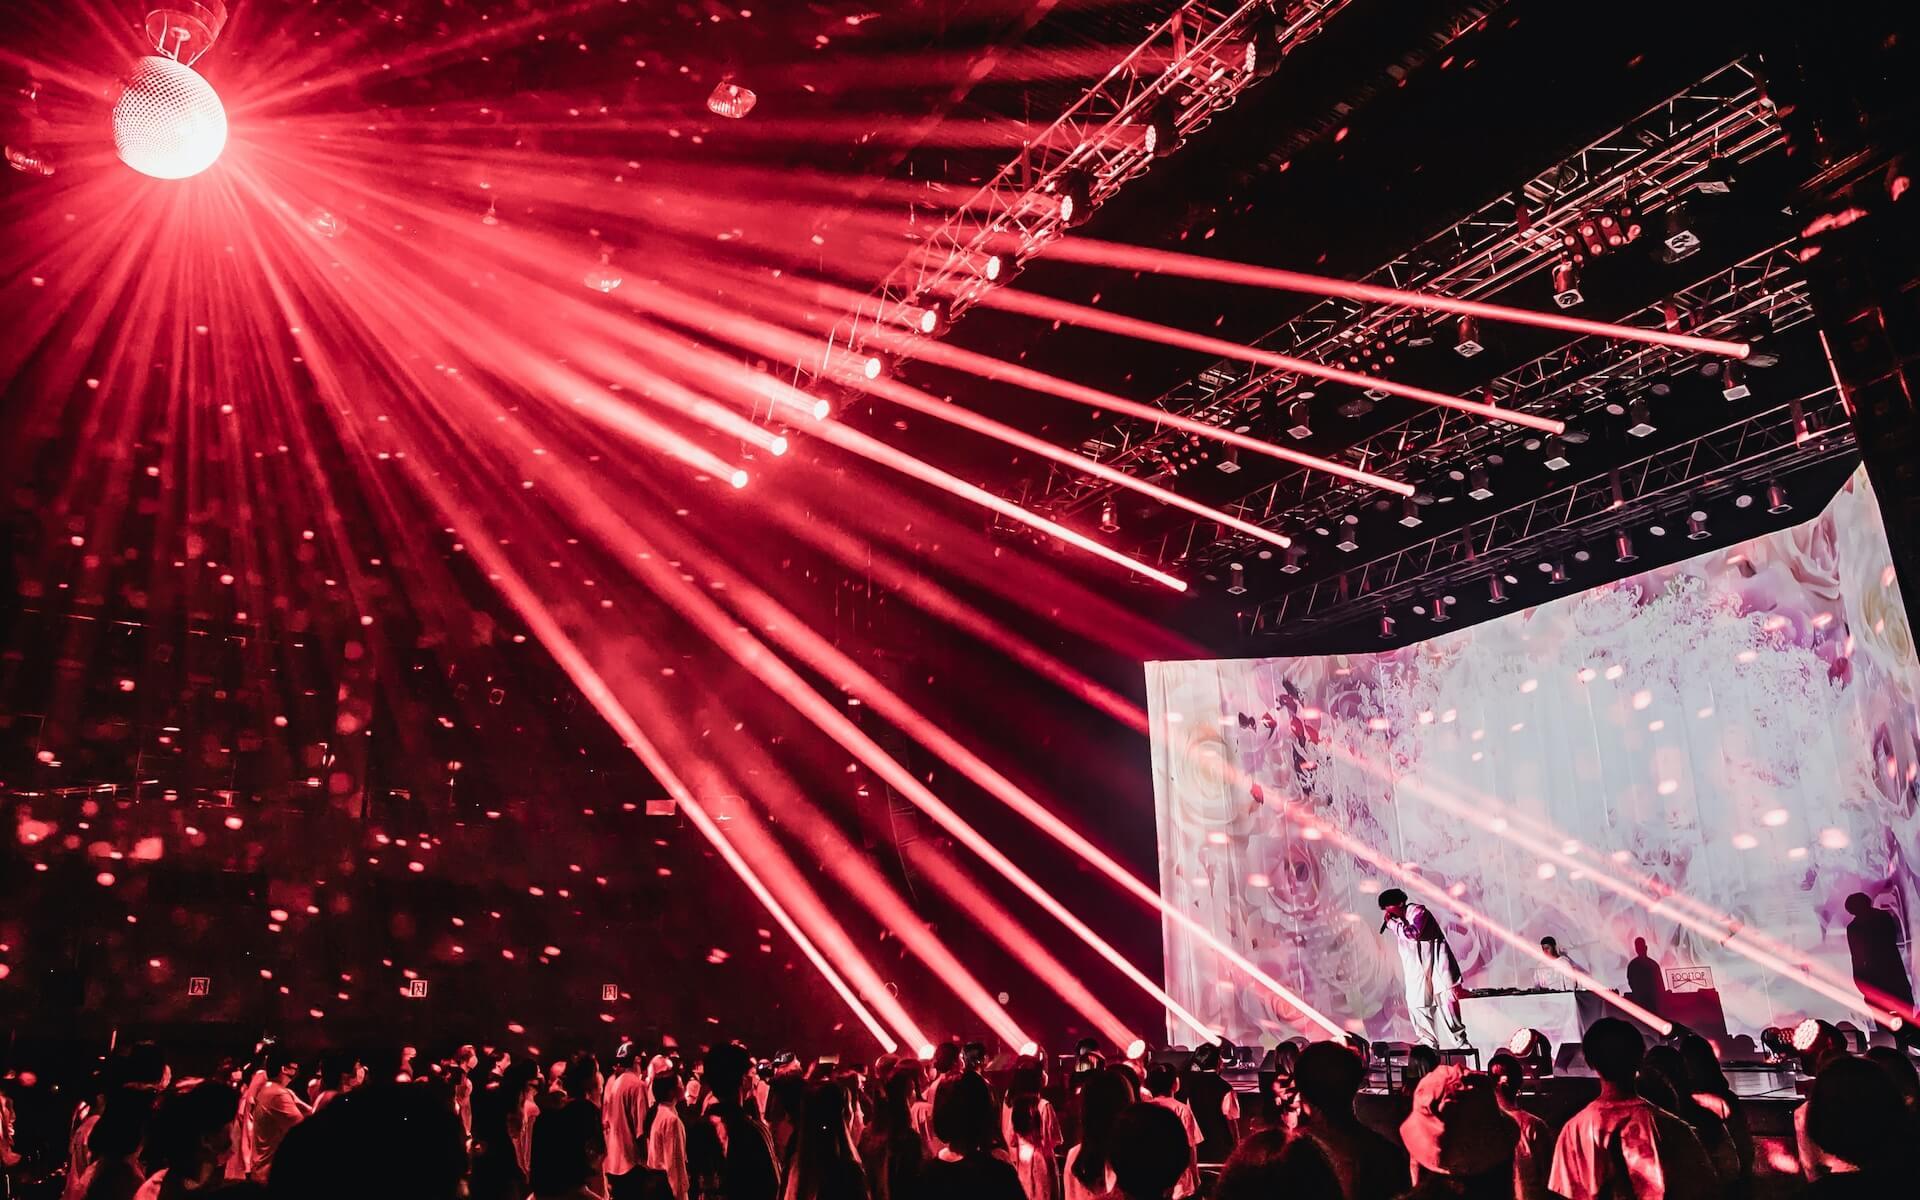 """クボタカイが1stアルバム発売記念ツアーを全国4都市完走!ファイナルで新曲""""エックスフレンド""""のリリースも発表 music210917_kubotakai_tour_012"""